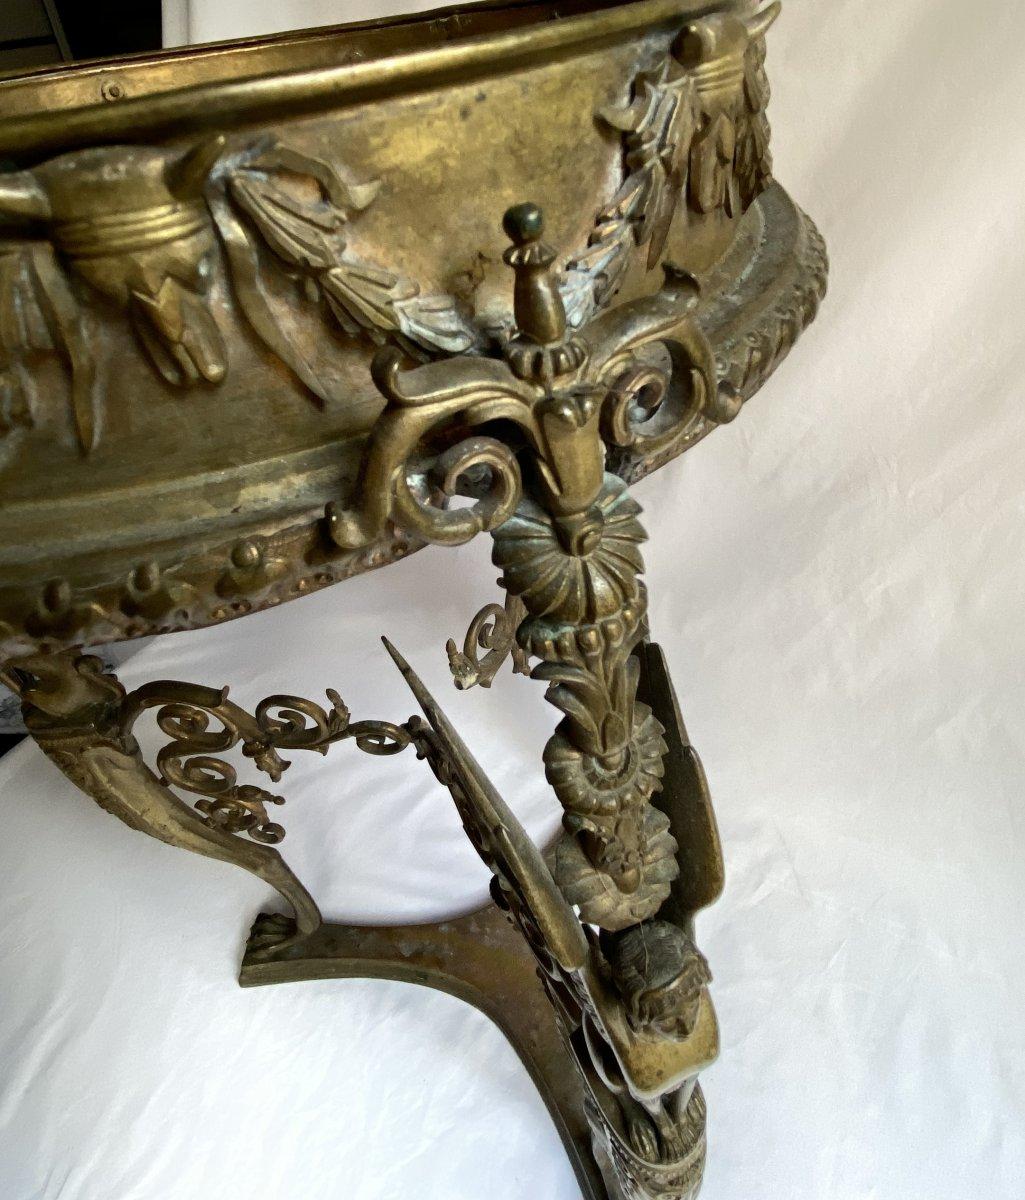 Trépied En Bronze  De Pompéi d'Après Le Modèle Antique - Naples  Italie  XIXe Siècle.-photo-1